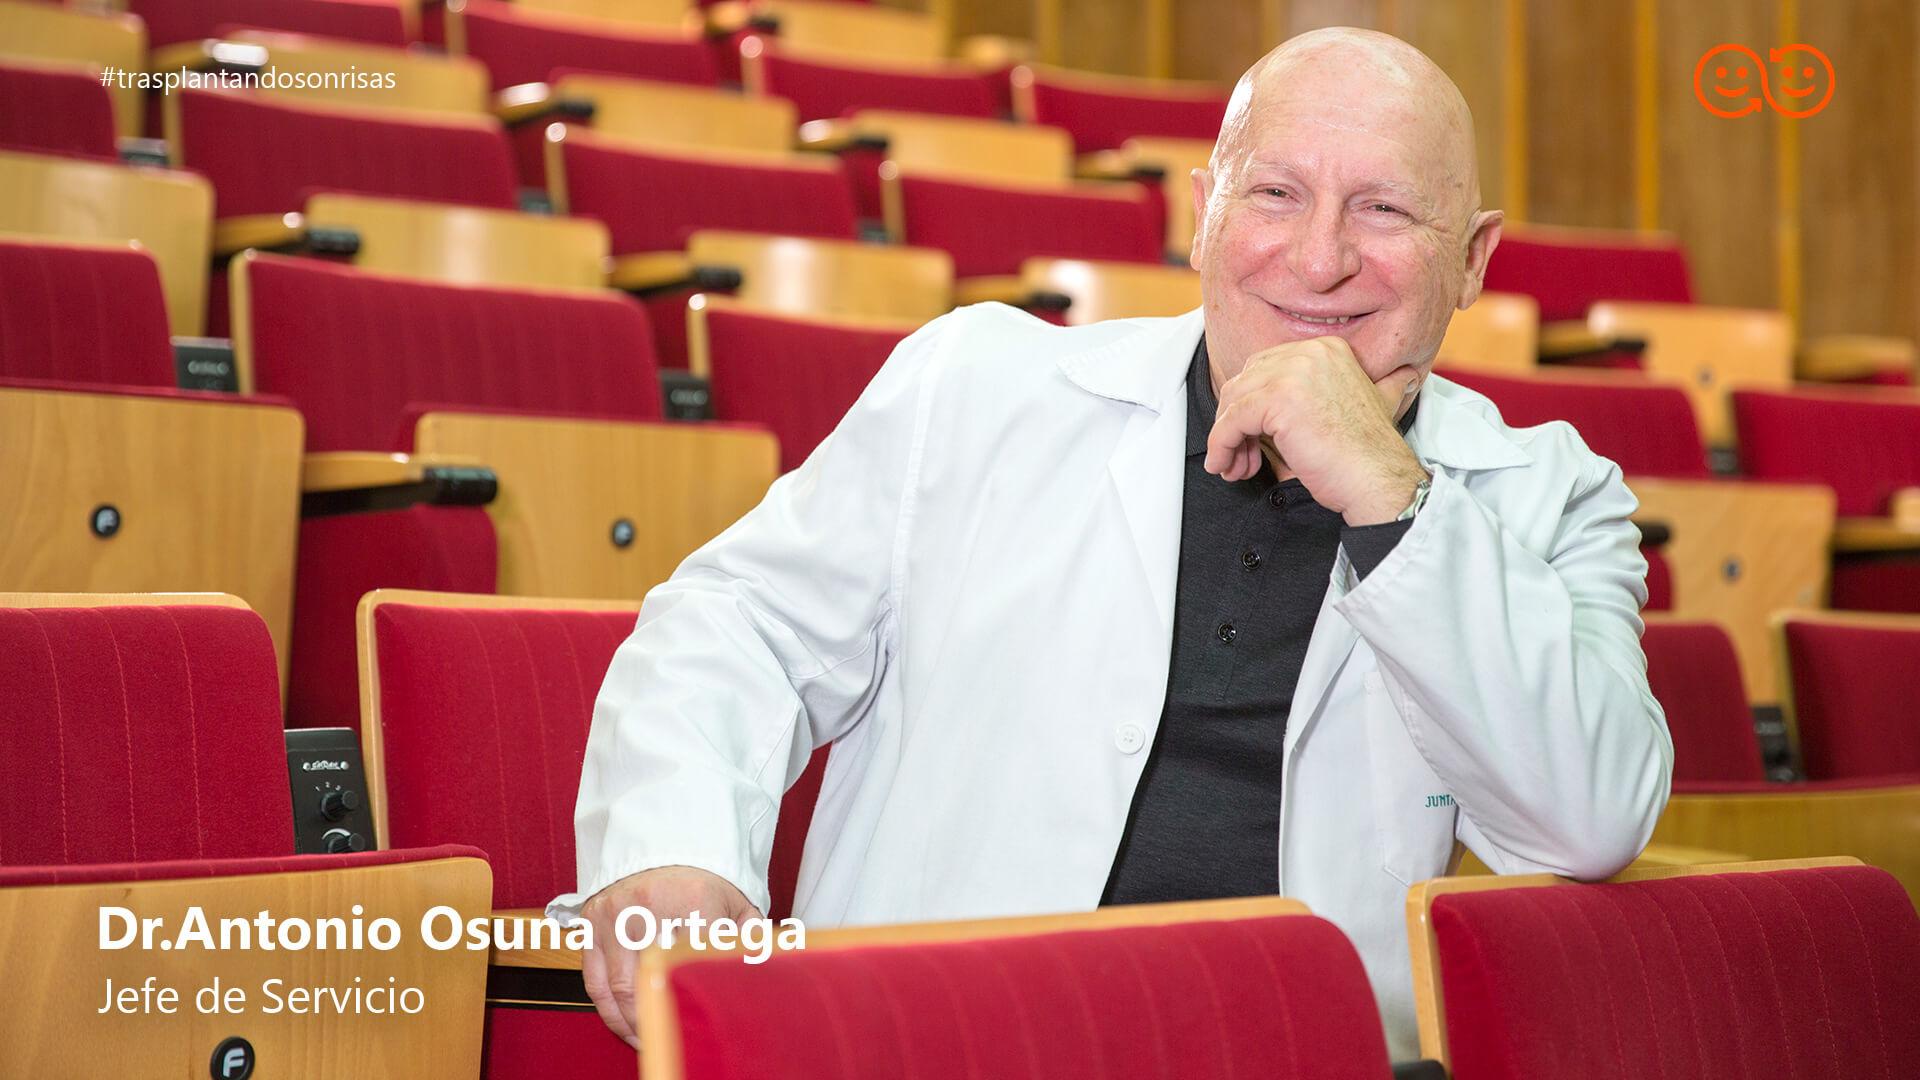 Dr. Antonio Osuna Ortega